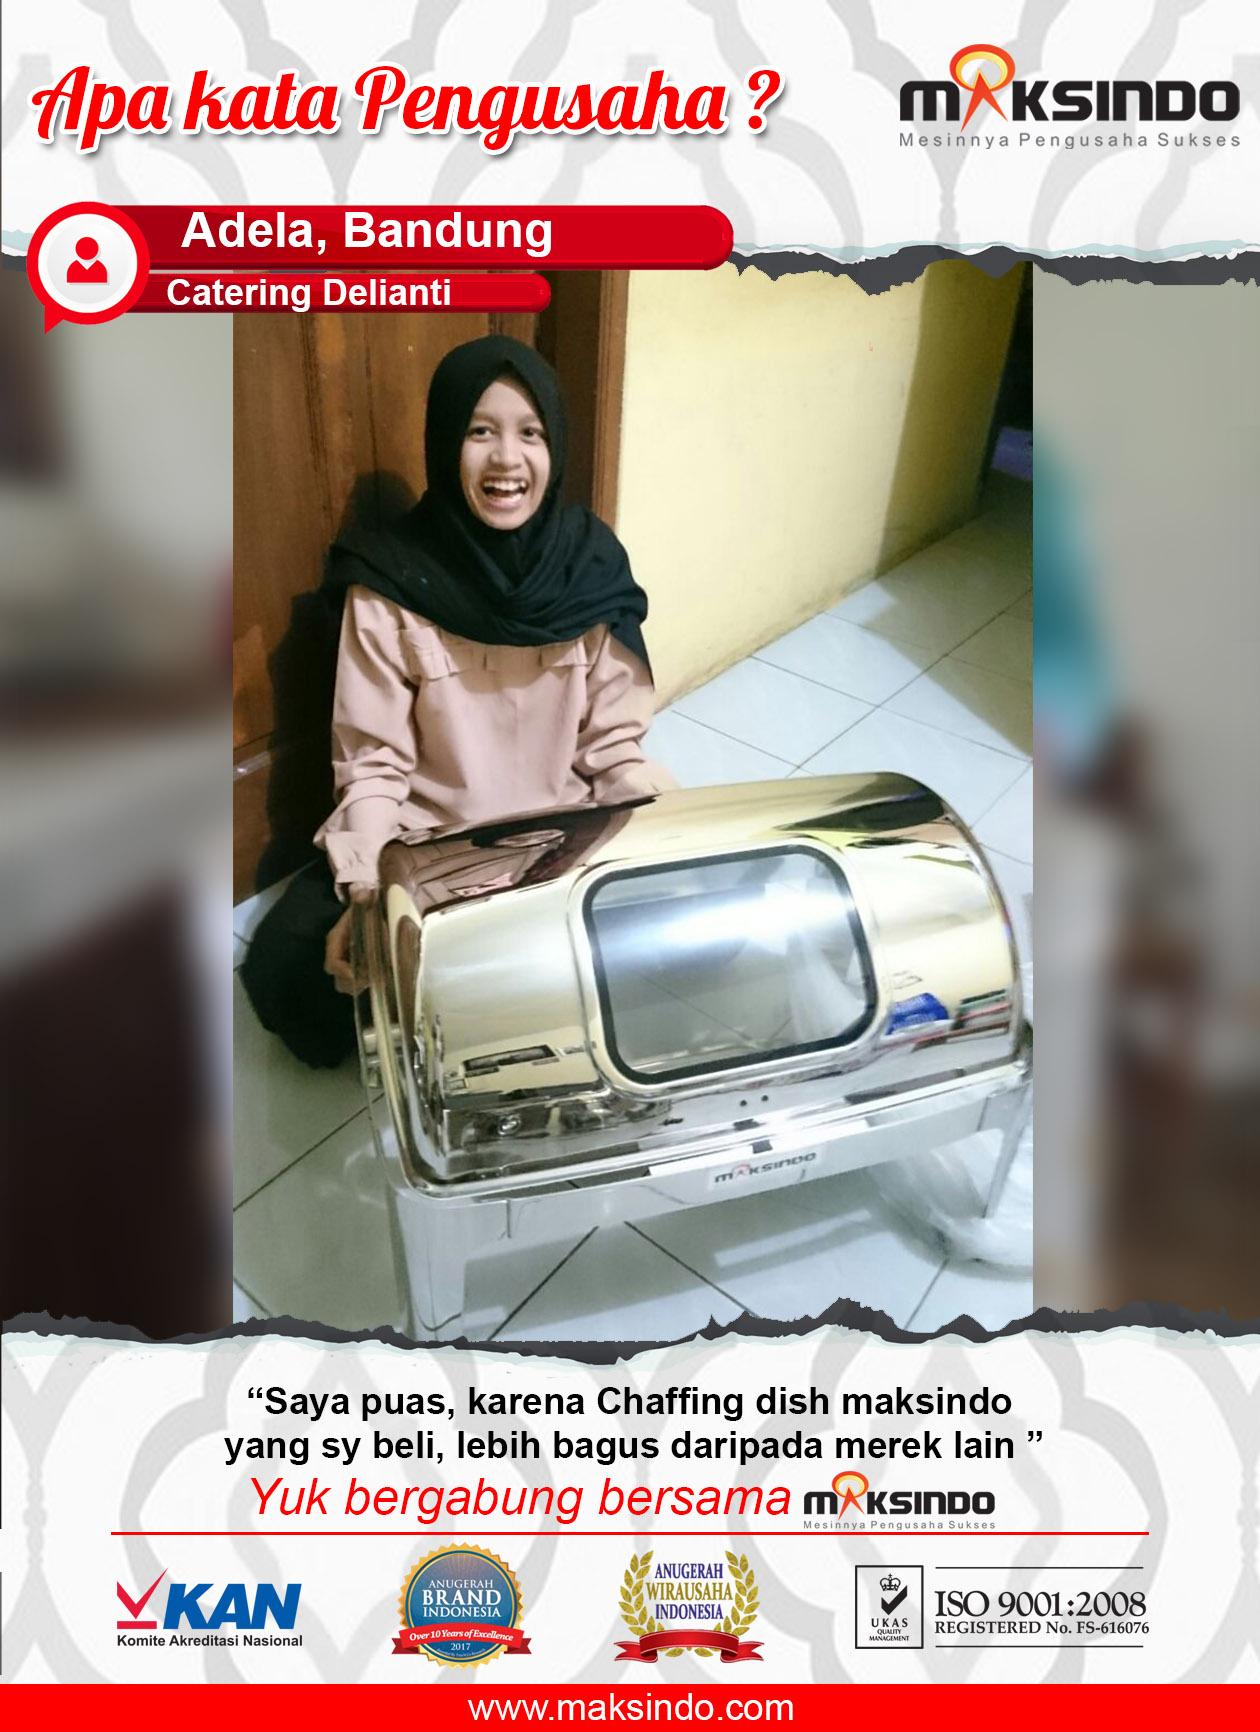 Catering Delianti : Puas Dengan Mesin Chaffing Dish Maksindo